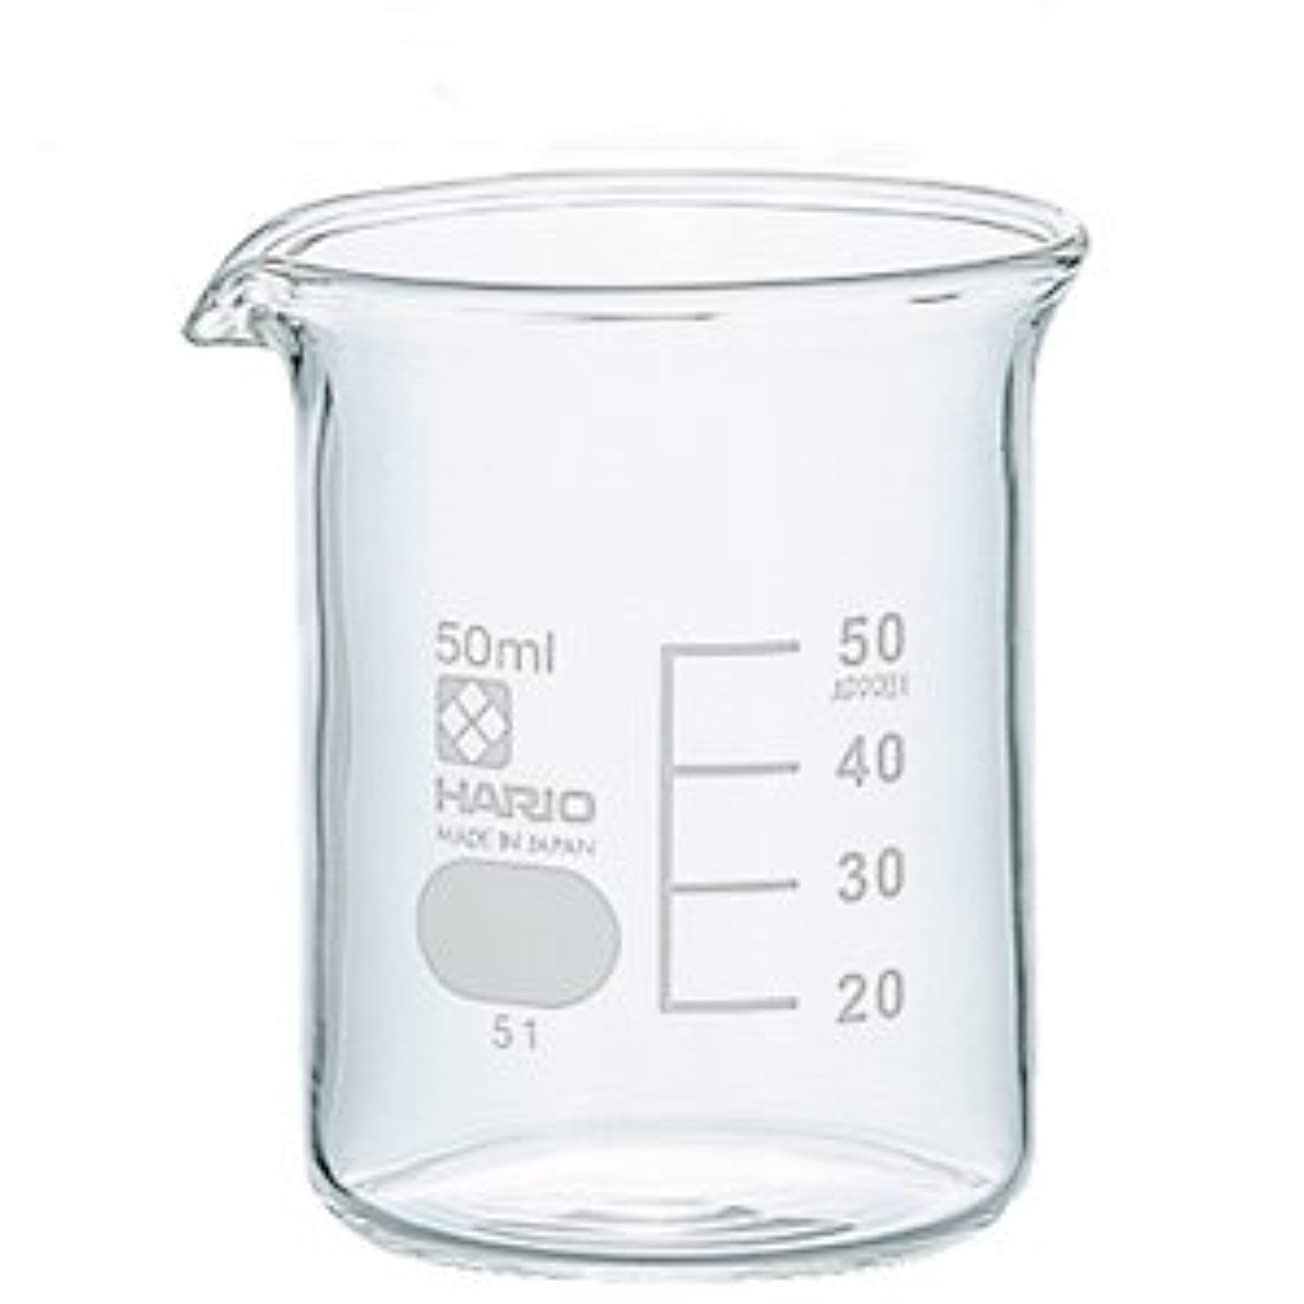 禁じるエゴマニアオークションガラスビーカー 50ml 【手作り石鹸/手作りコスメ/手作り化粧品】